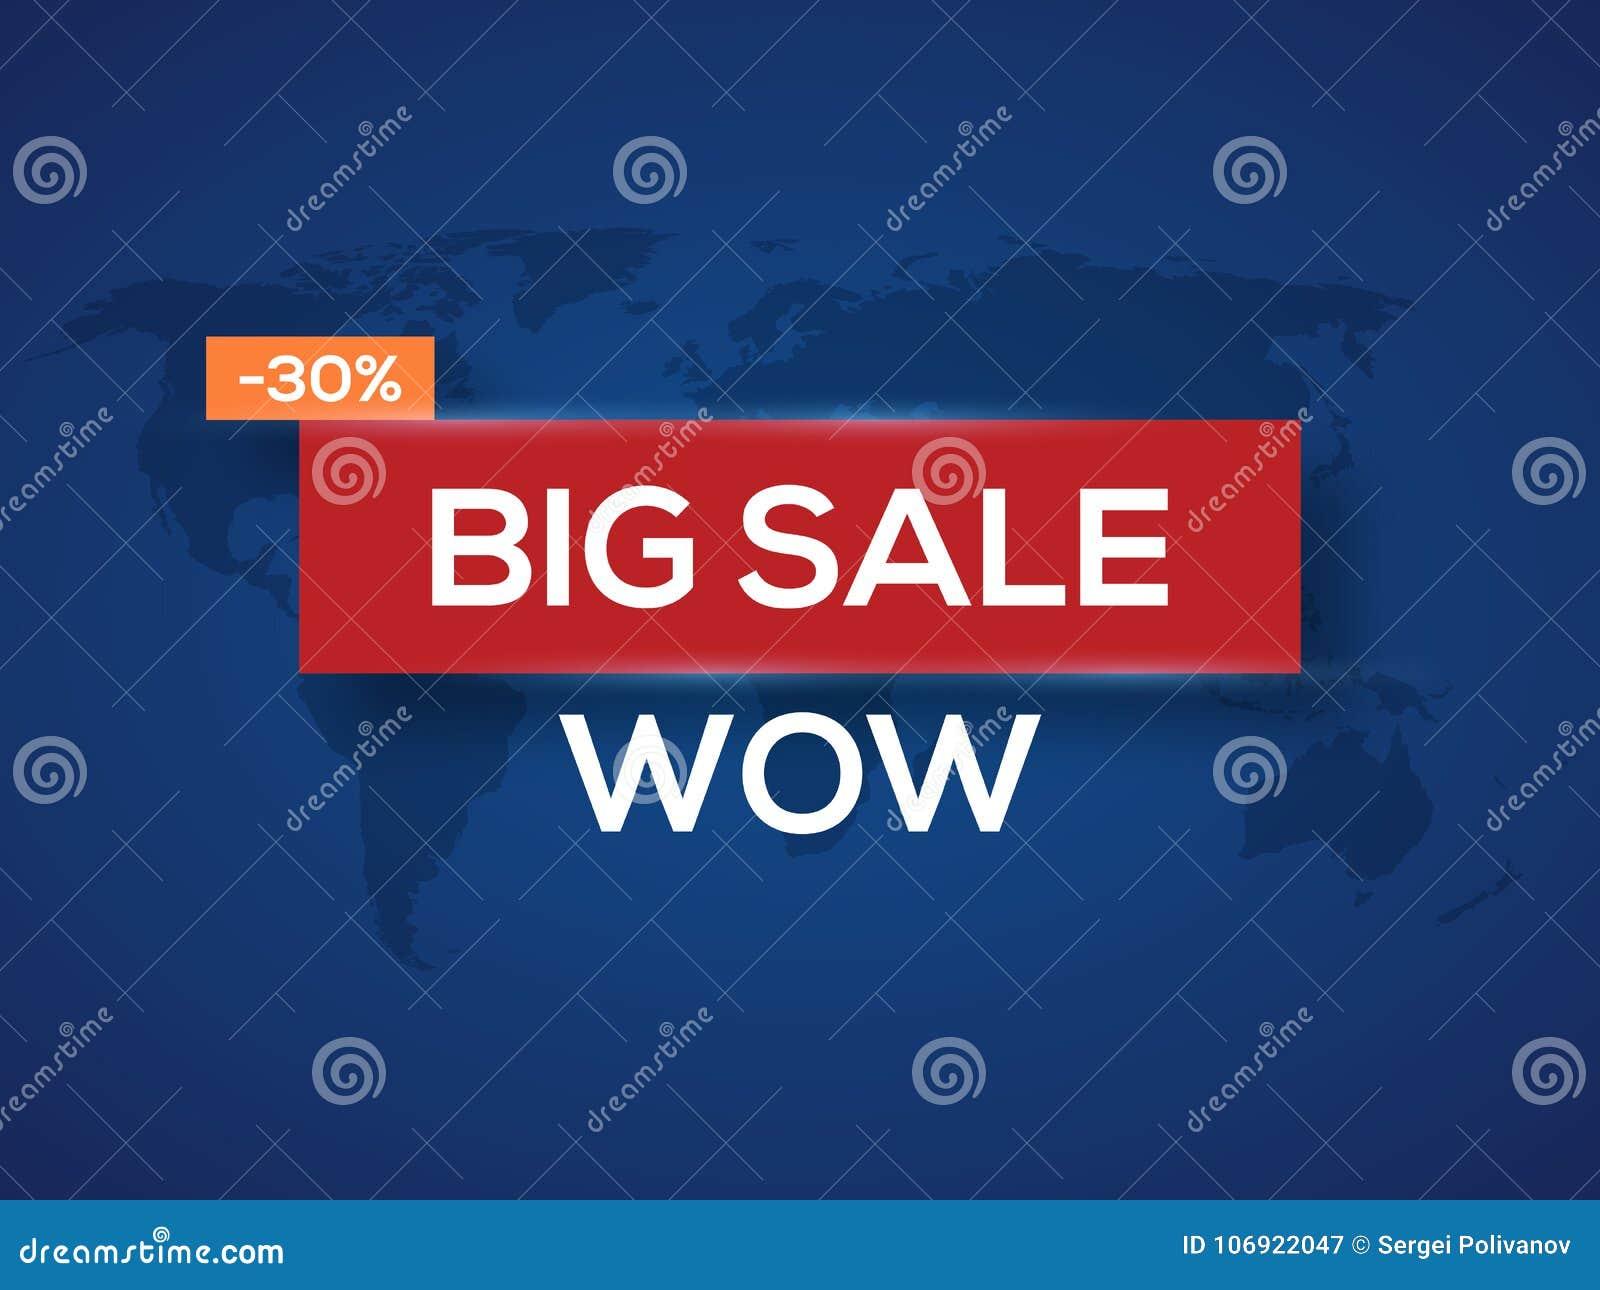 Weekendowej sprzedaży sztandar, specjalna oferta